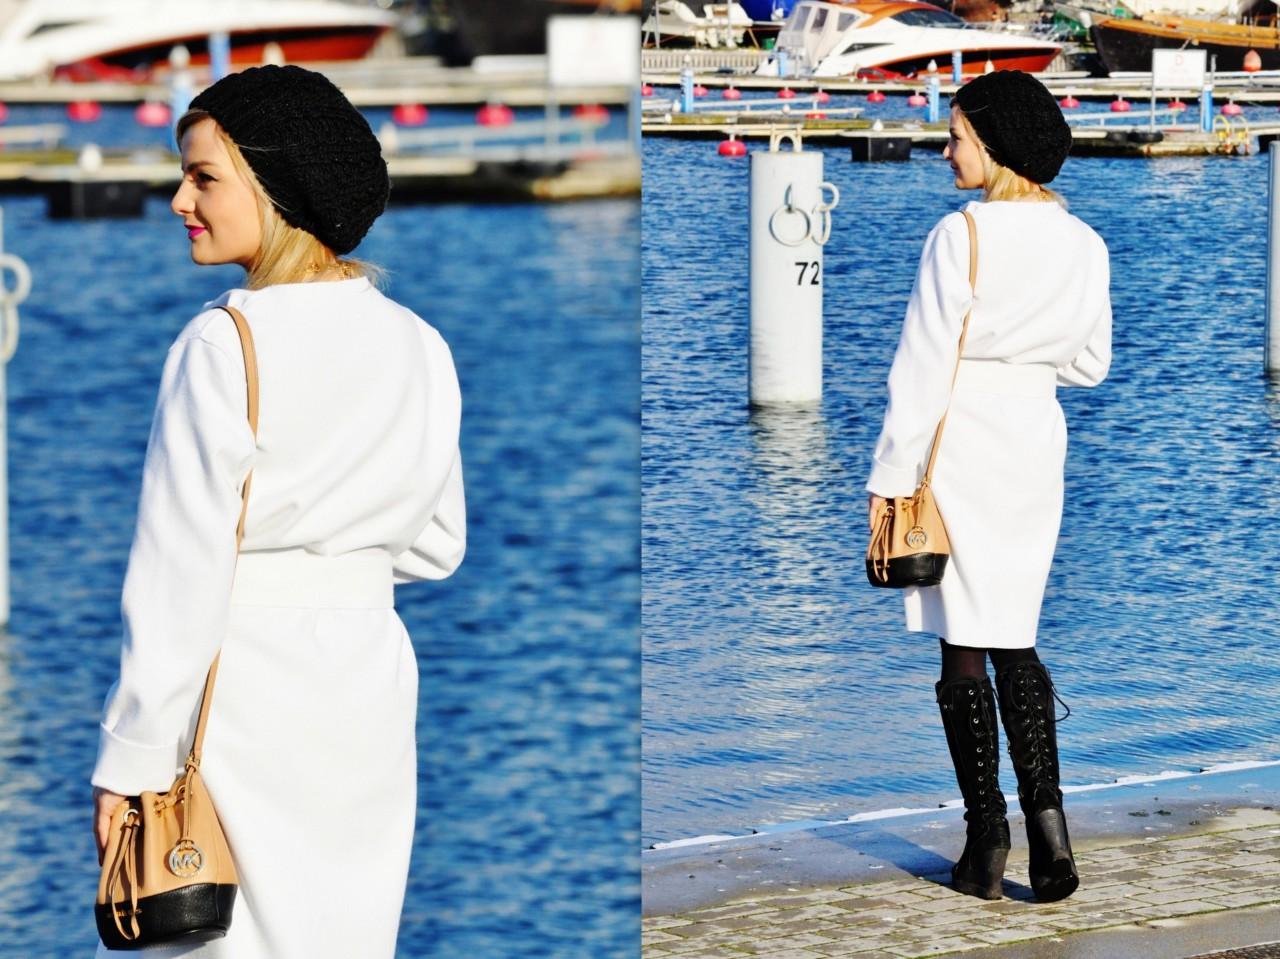 biały płaszcz blog modowy blog urodowy blog fashionable gdynia